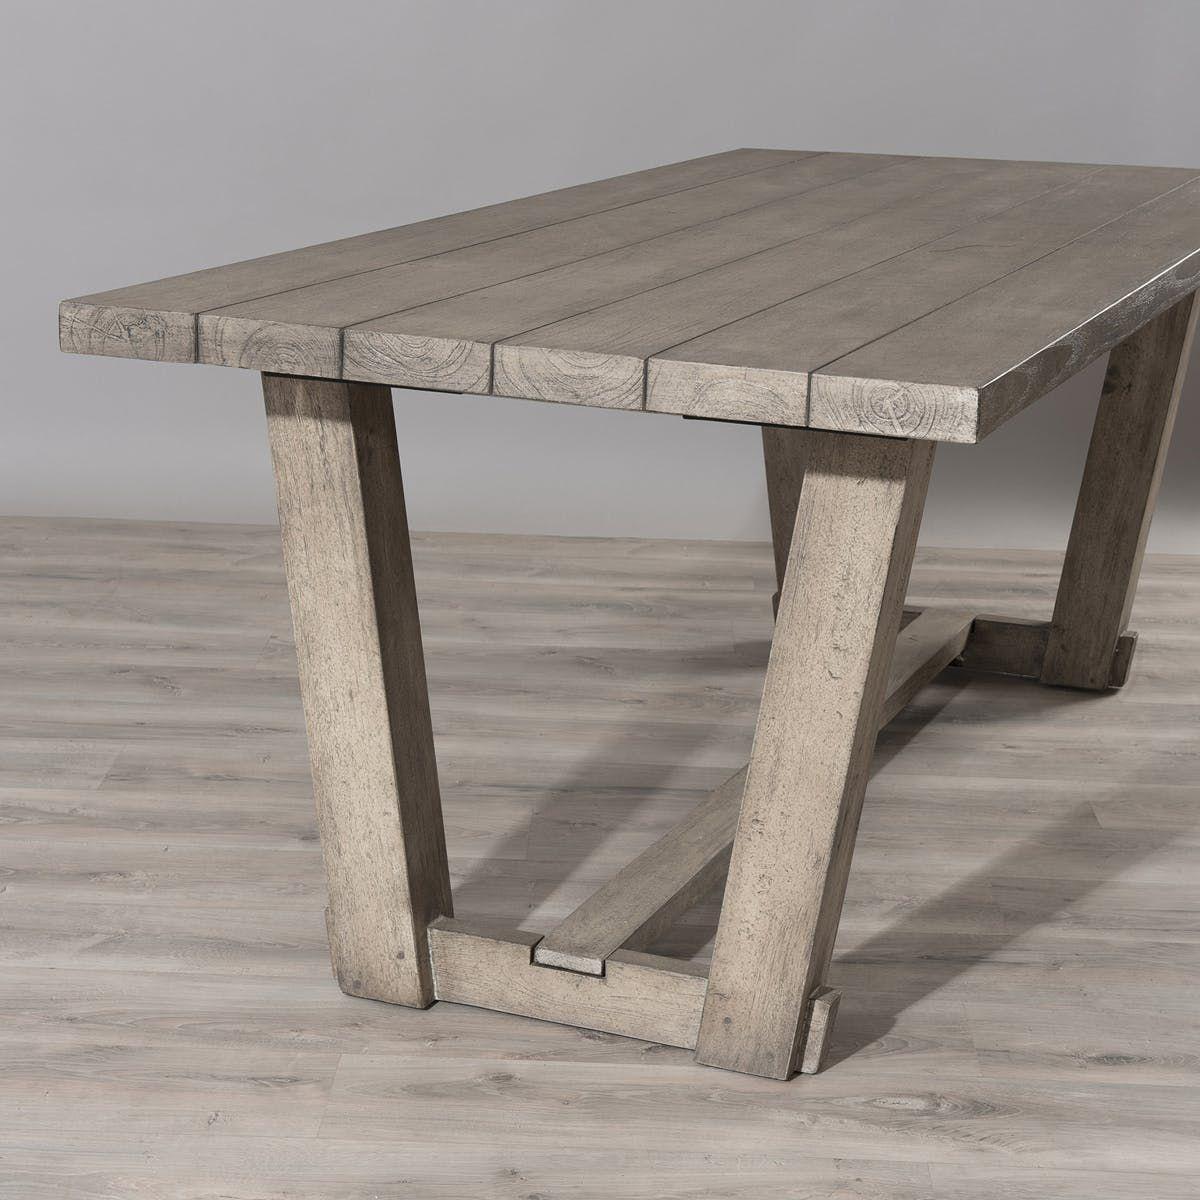 Table De Jardin Teck 200x90cm Detroit Ref. 30020815 - Taille ...